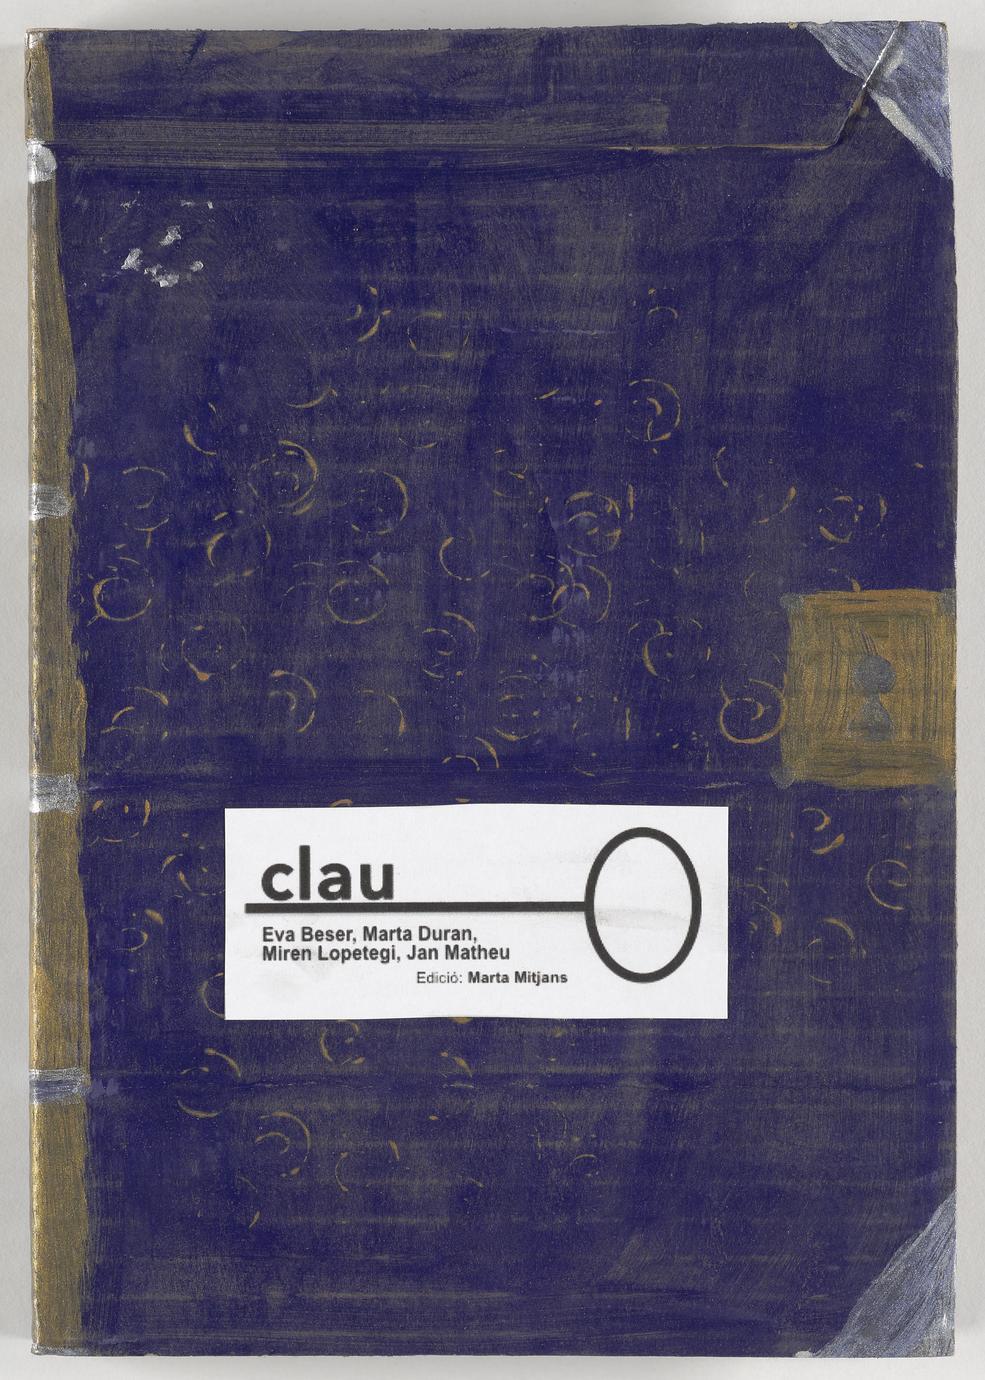 Clau (1 of 3)